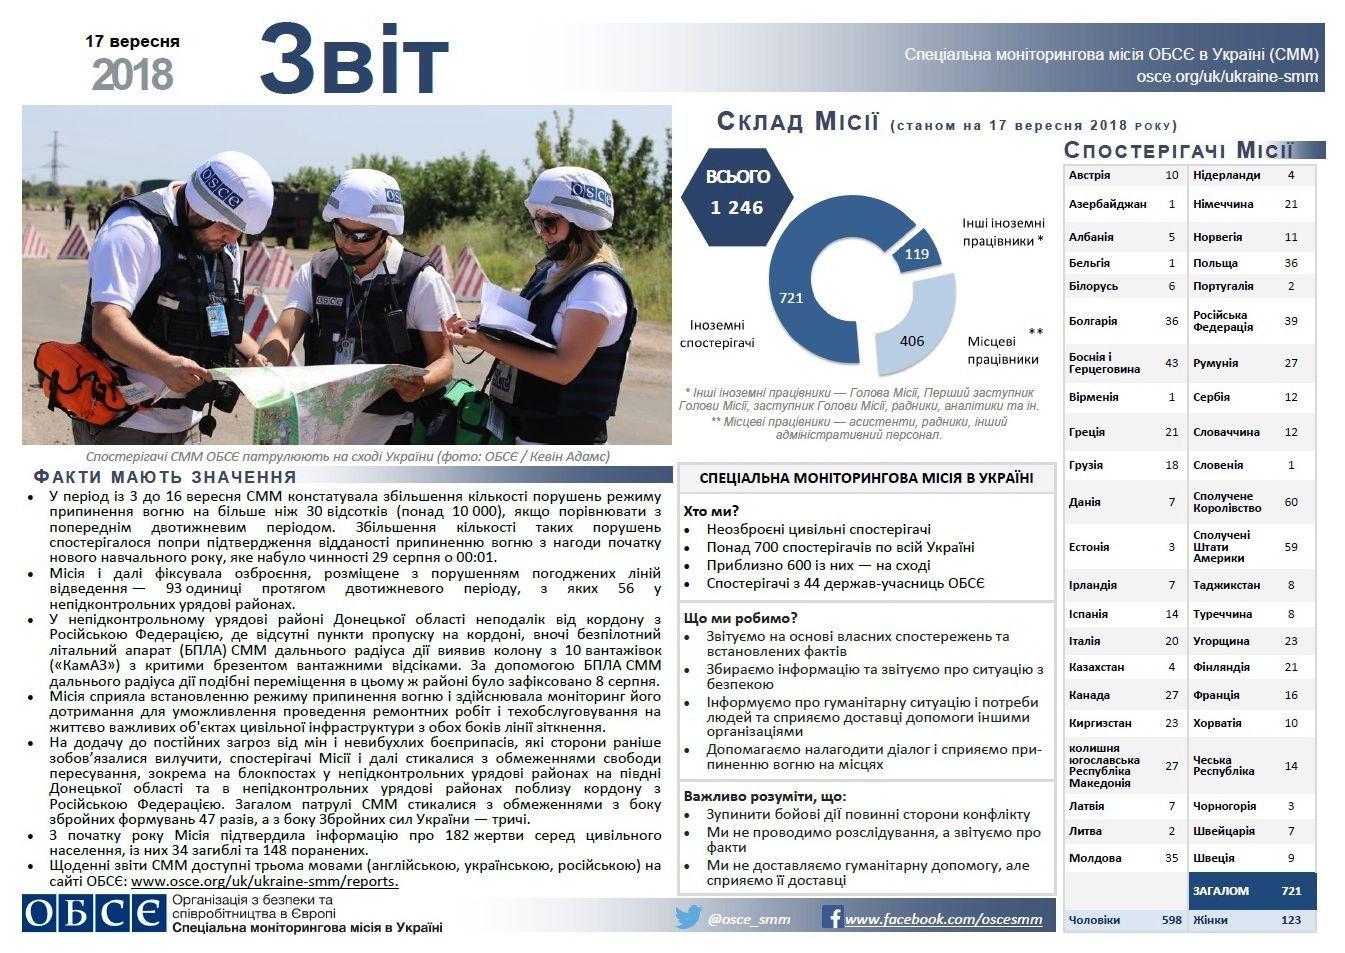 Звіт СММ ОБСЄ за 17 вересня 2018 року